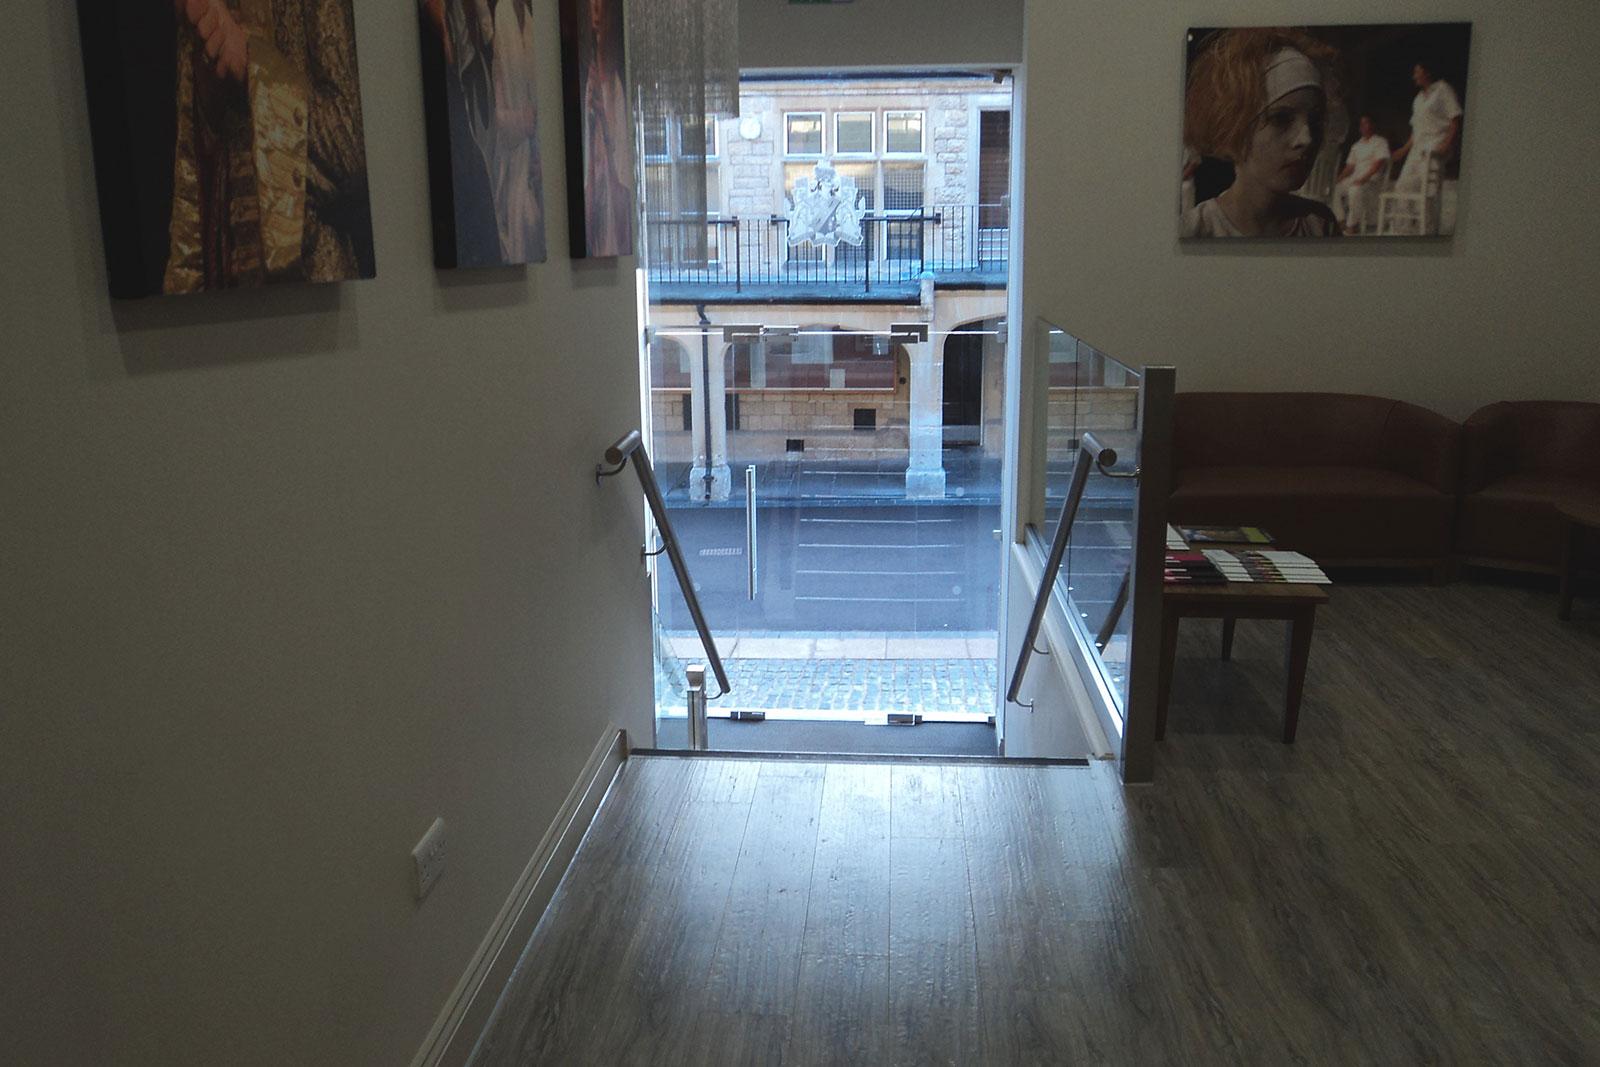 Frameless Glass Balustrade Panels, Cheltenham College